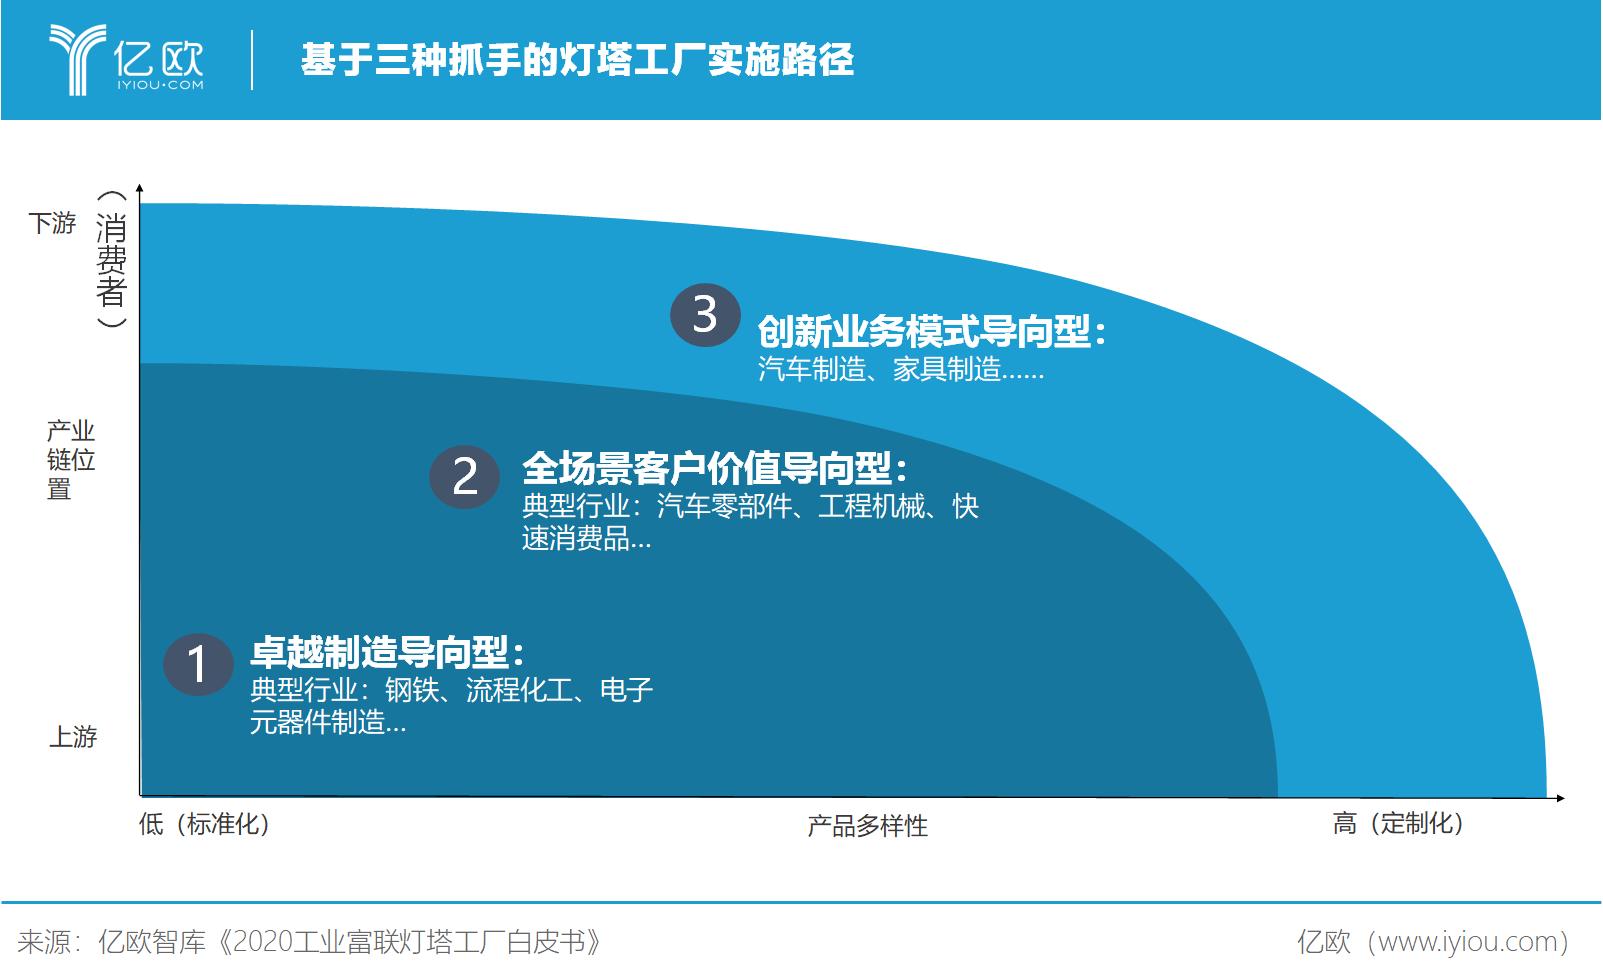 亿欧智库:灯塔工厂实施路径